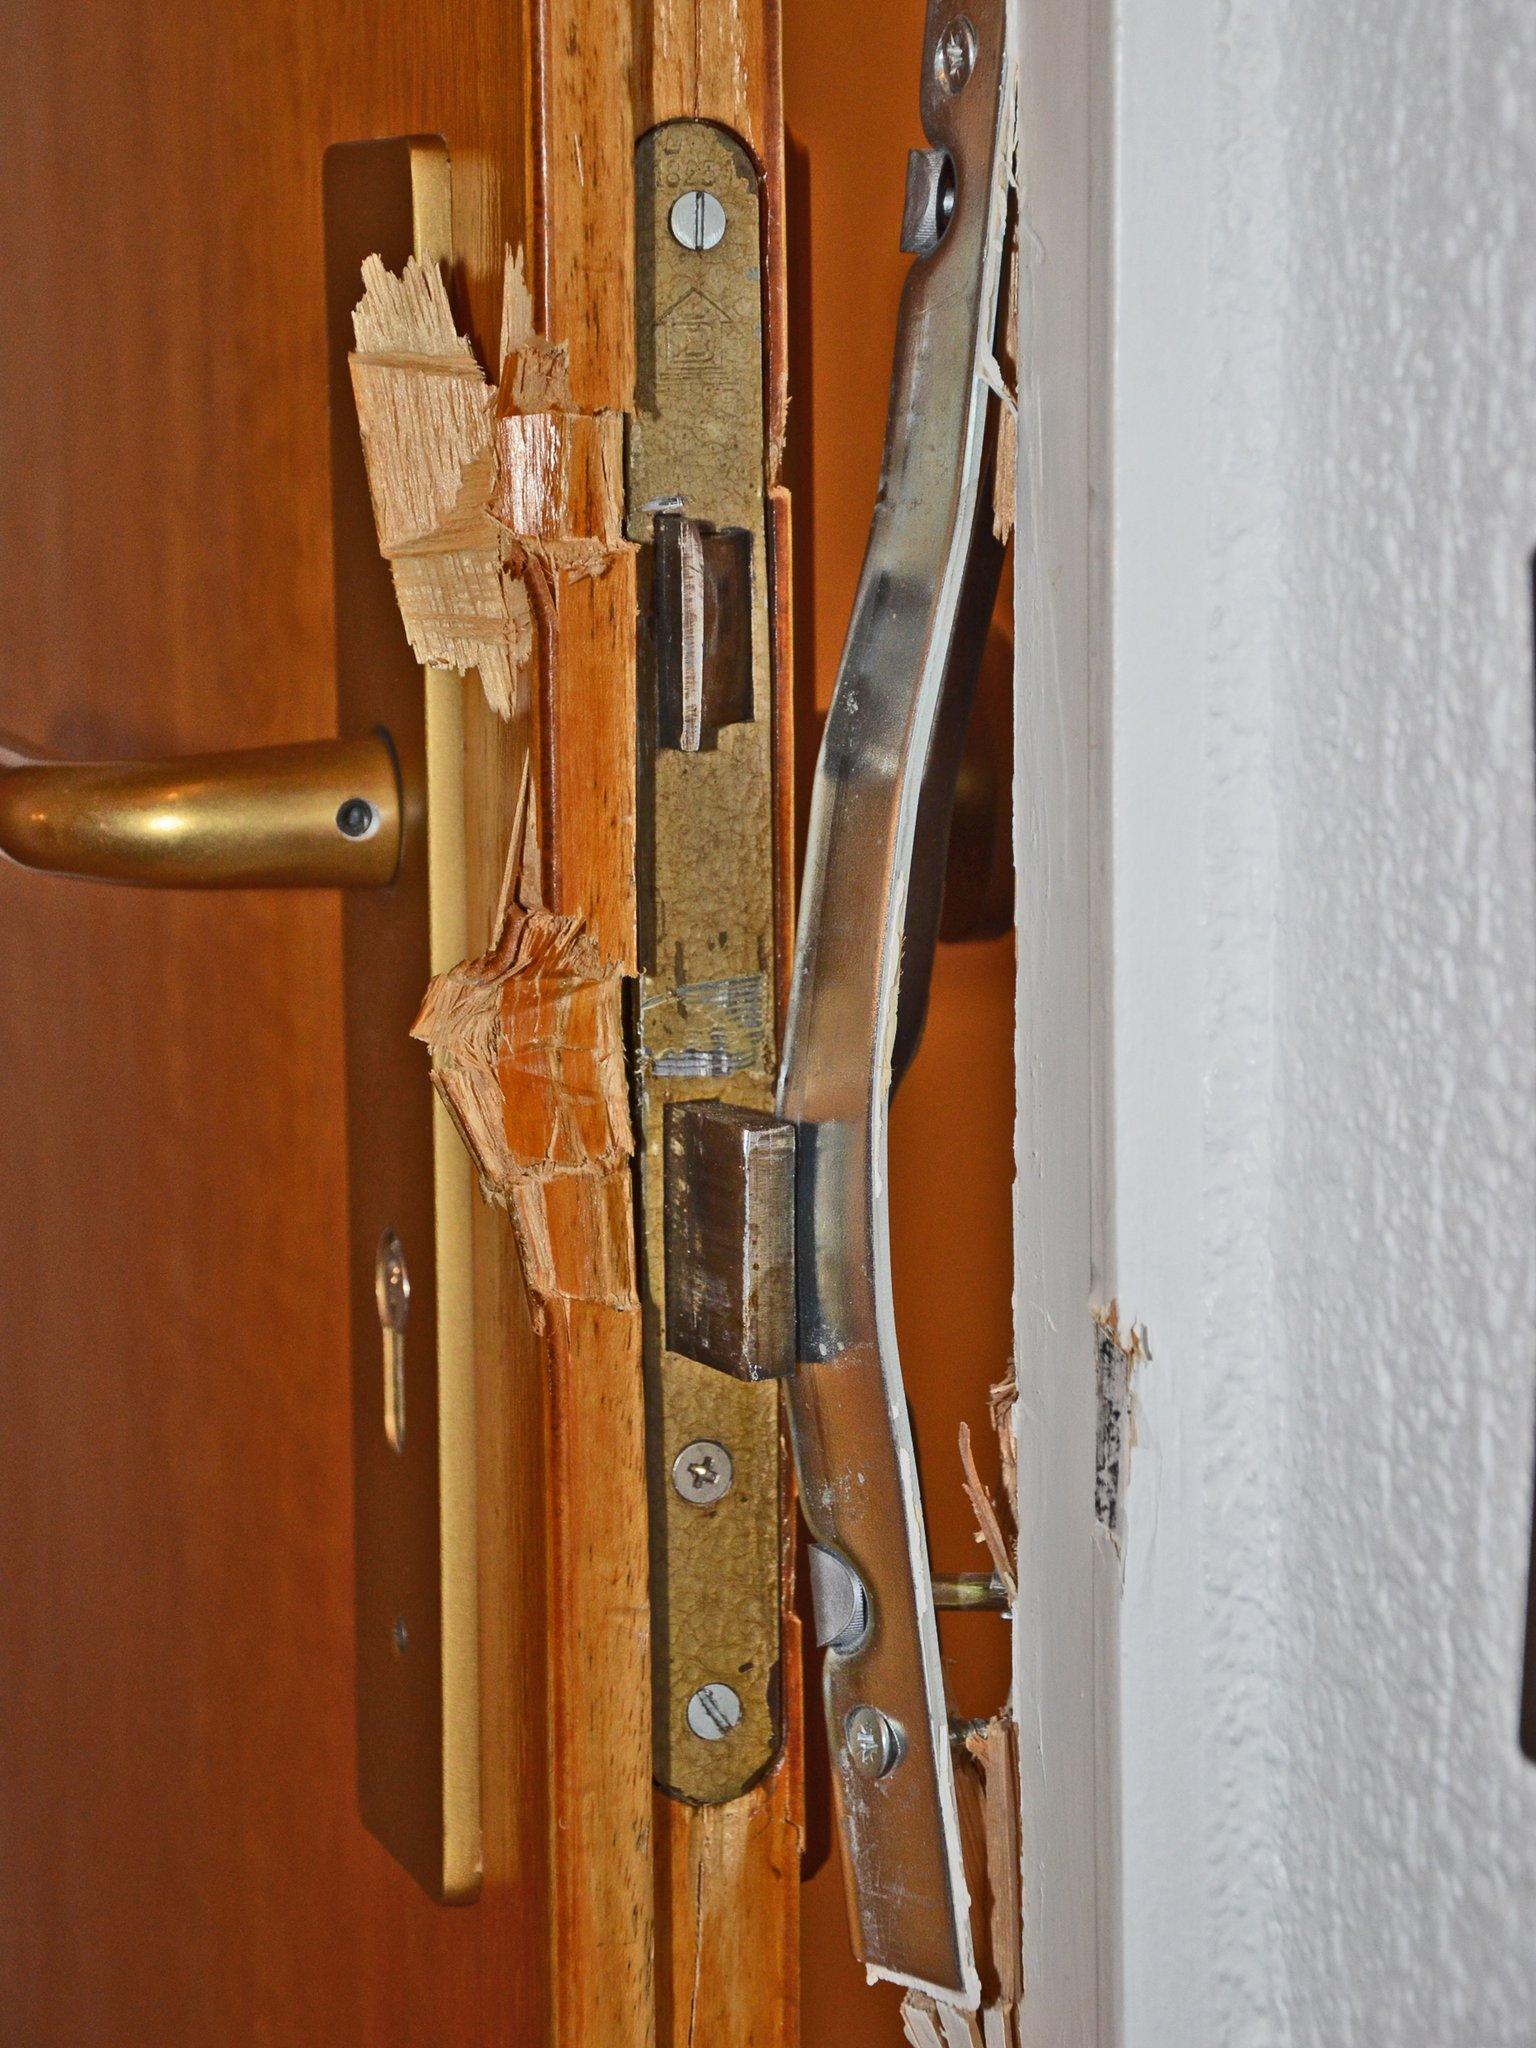 Einbruchschutz Polizei Berät Jetzt In Ganz Nrw Mit Präventionsteams